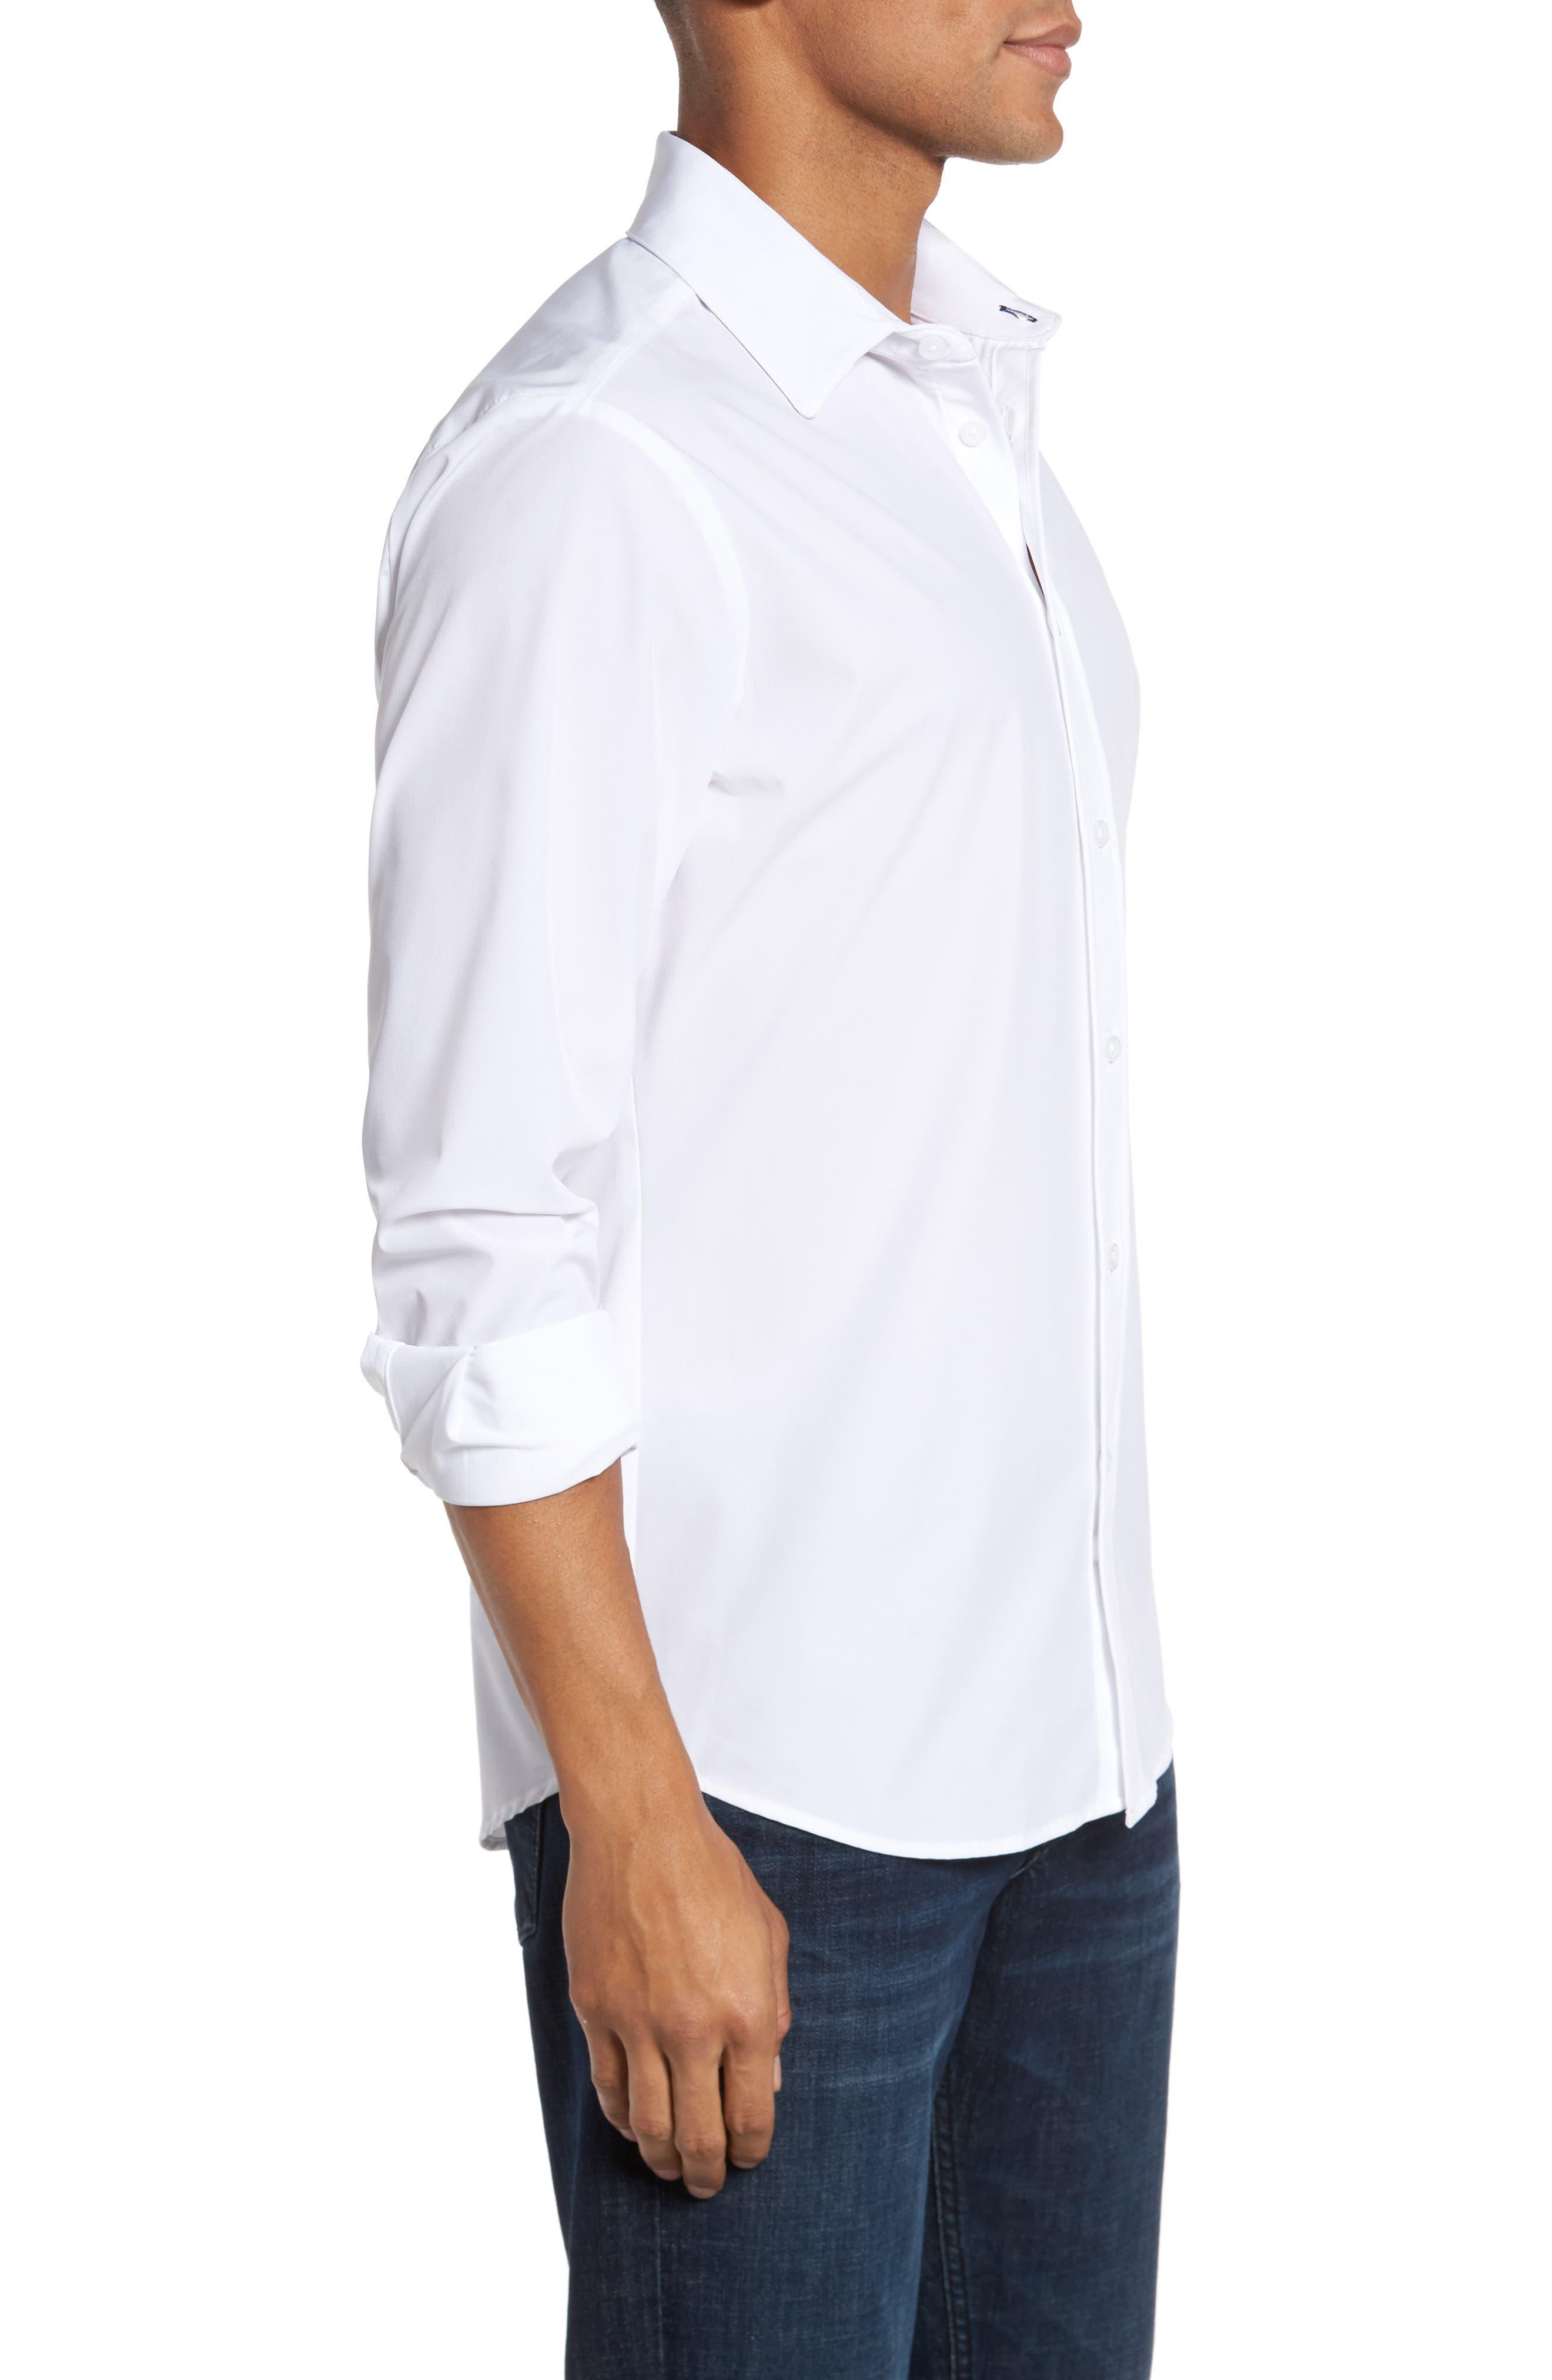 Stockton Sport Shirt,                             Alternate thumbnail 4, color,                             White